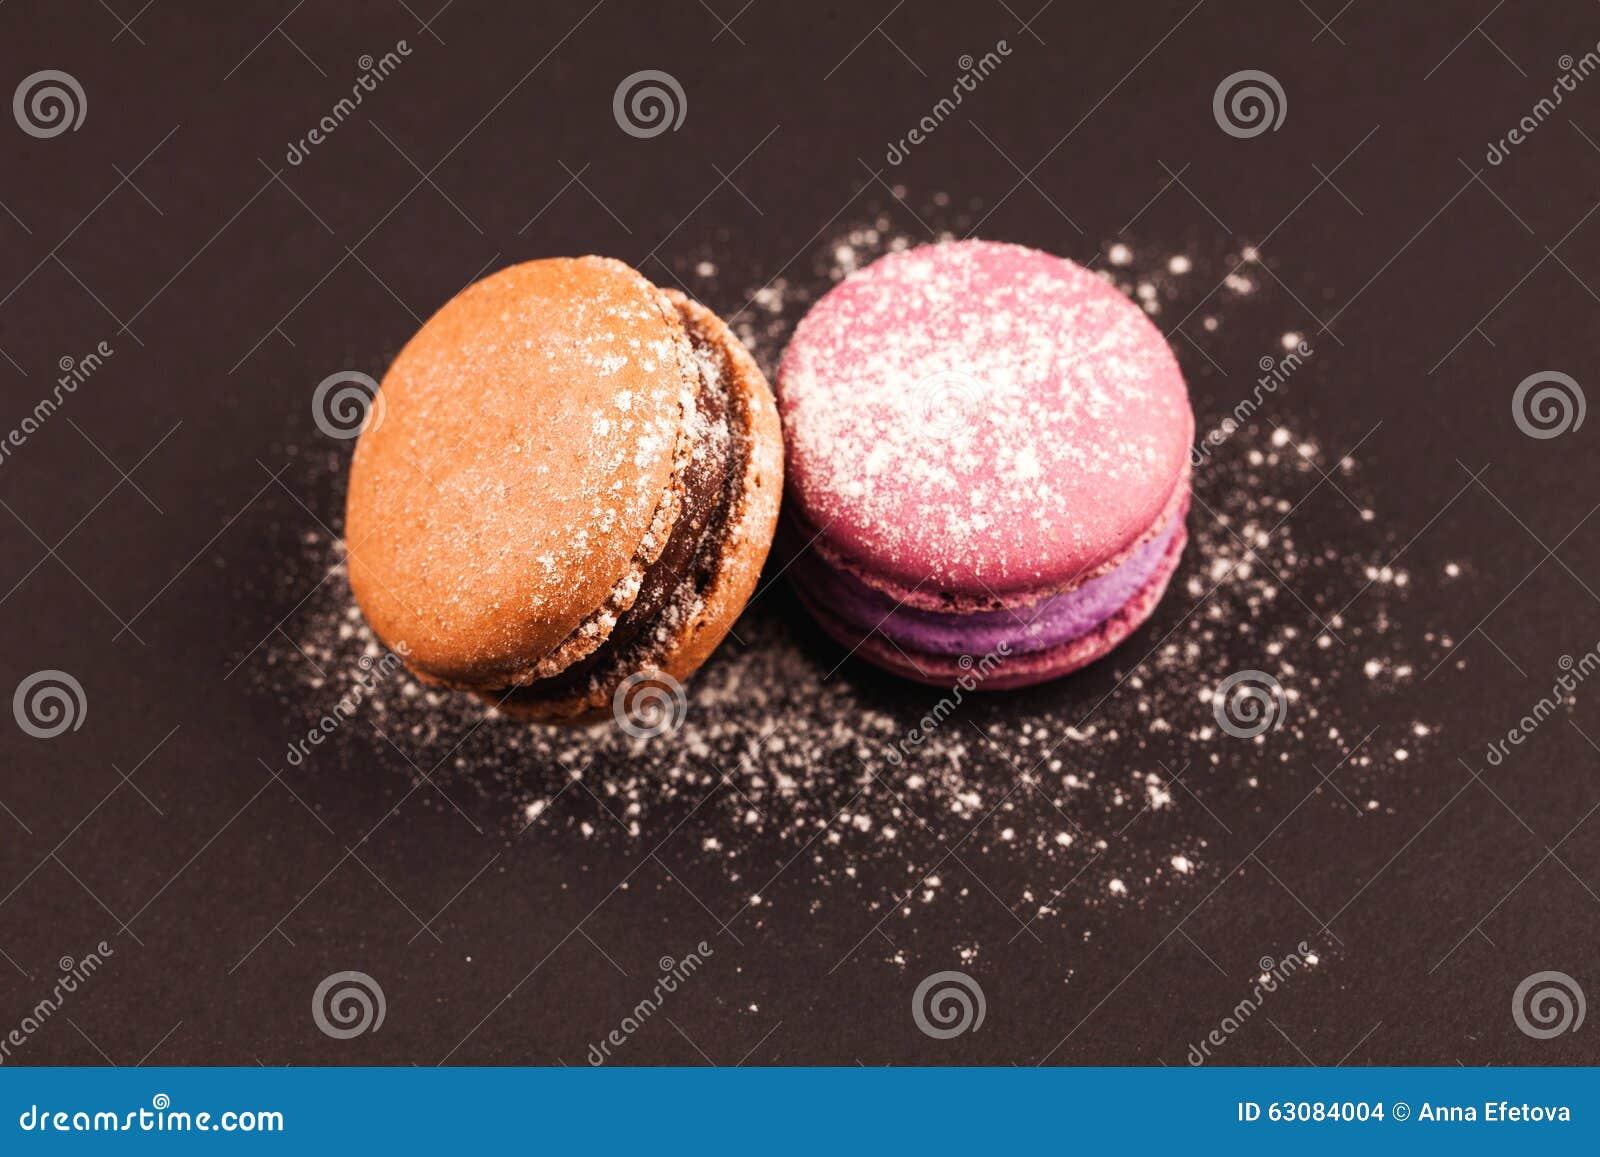 Download Macarons colorés français photo stock. Image du biscuit - 63084004